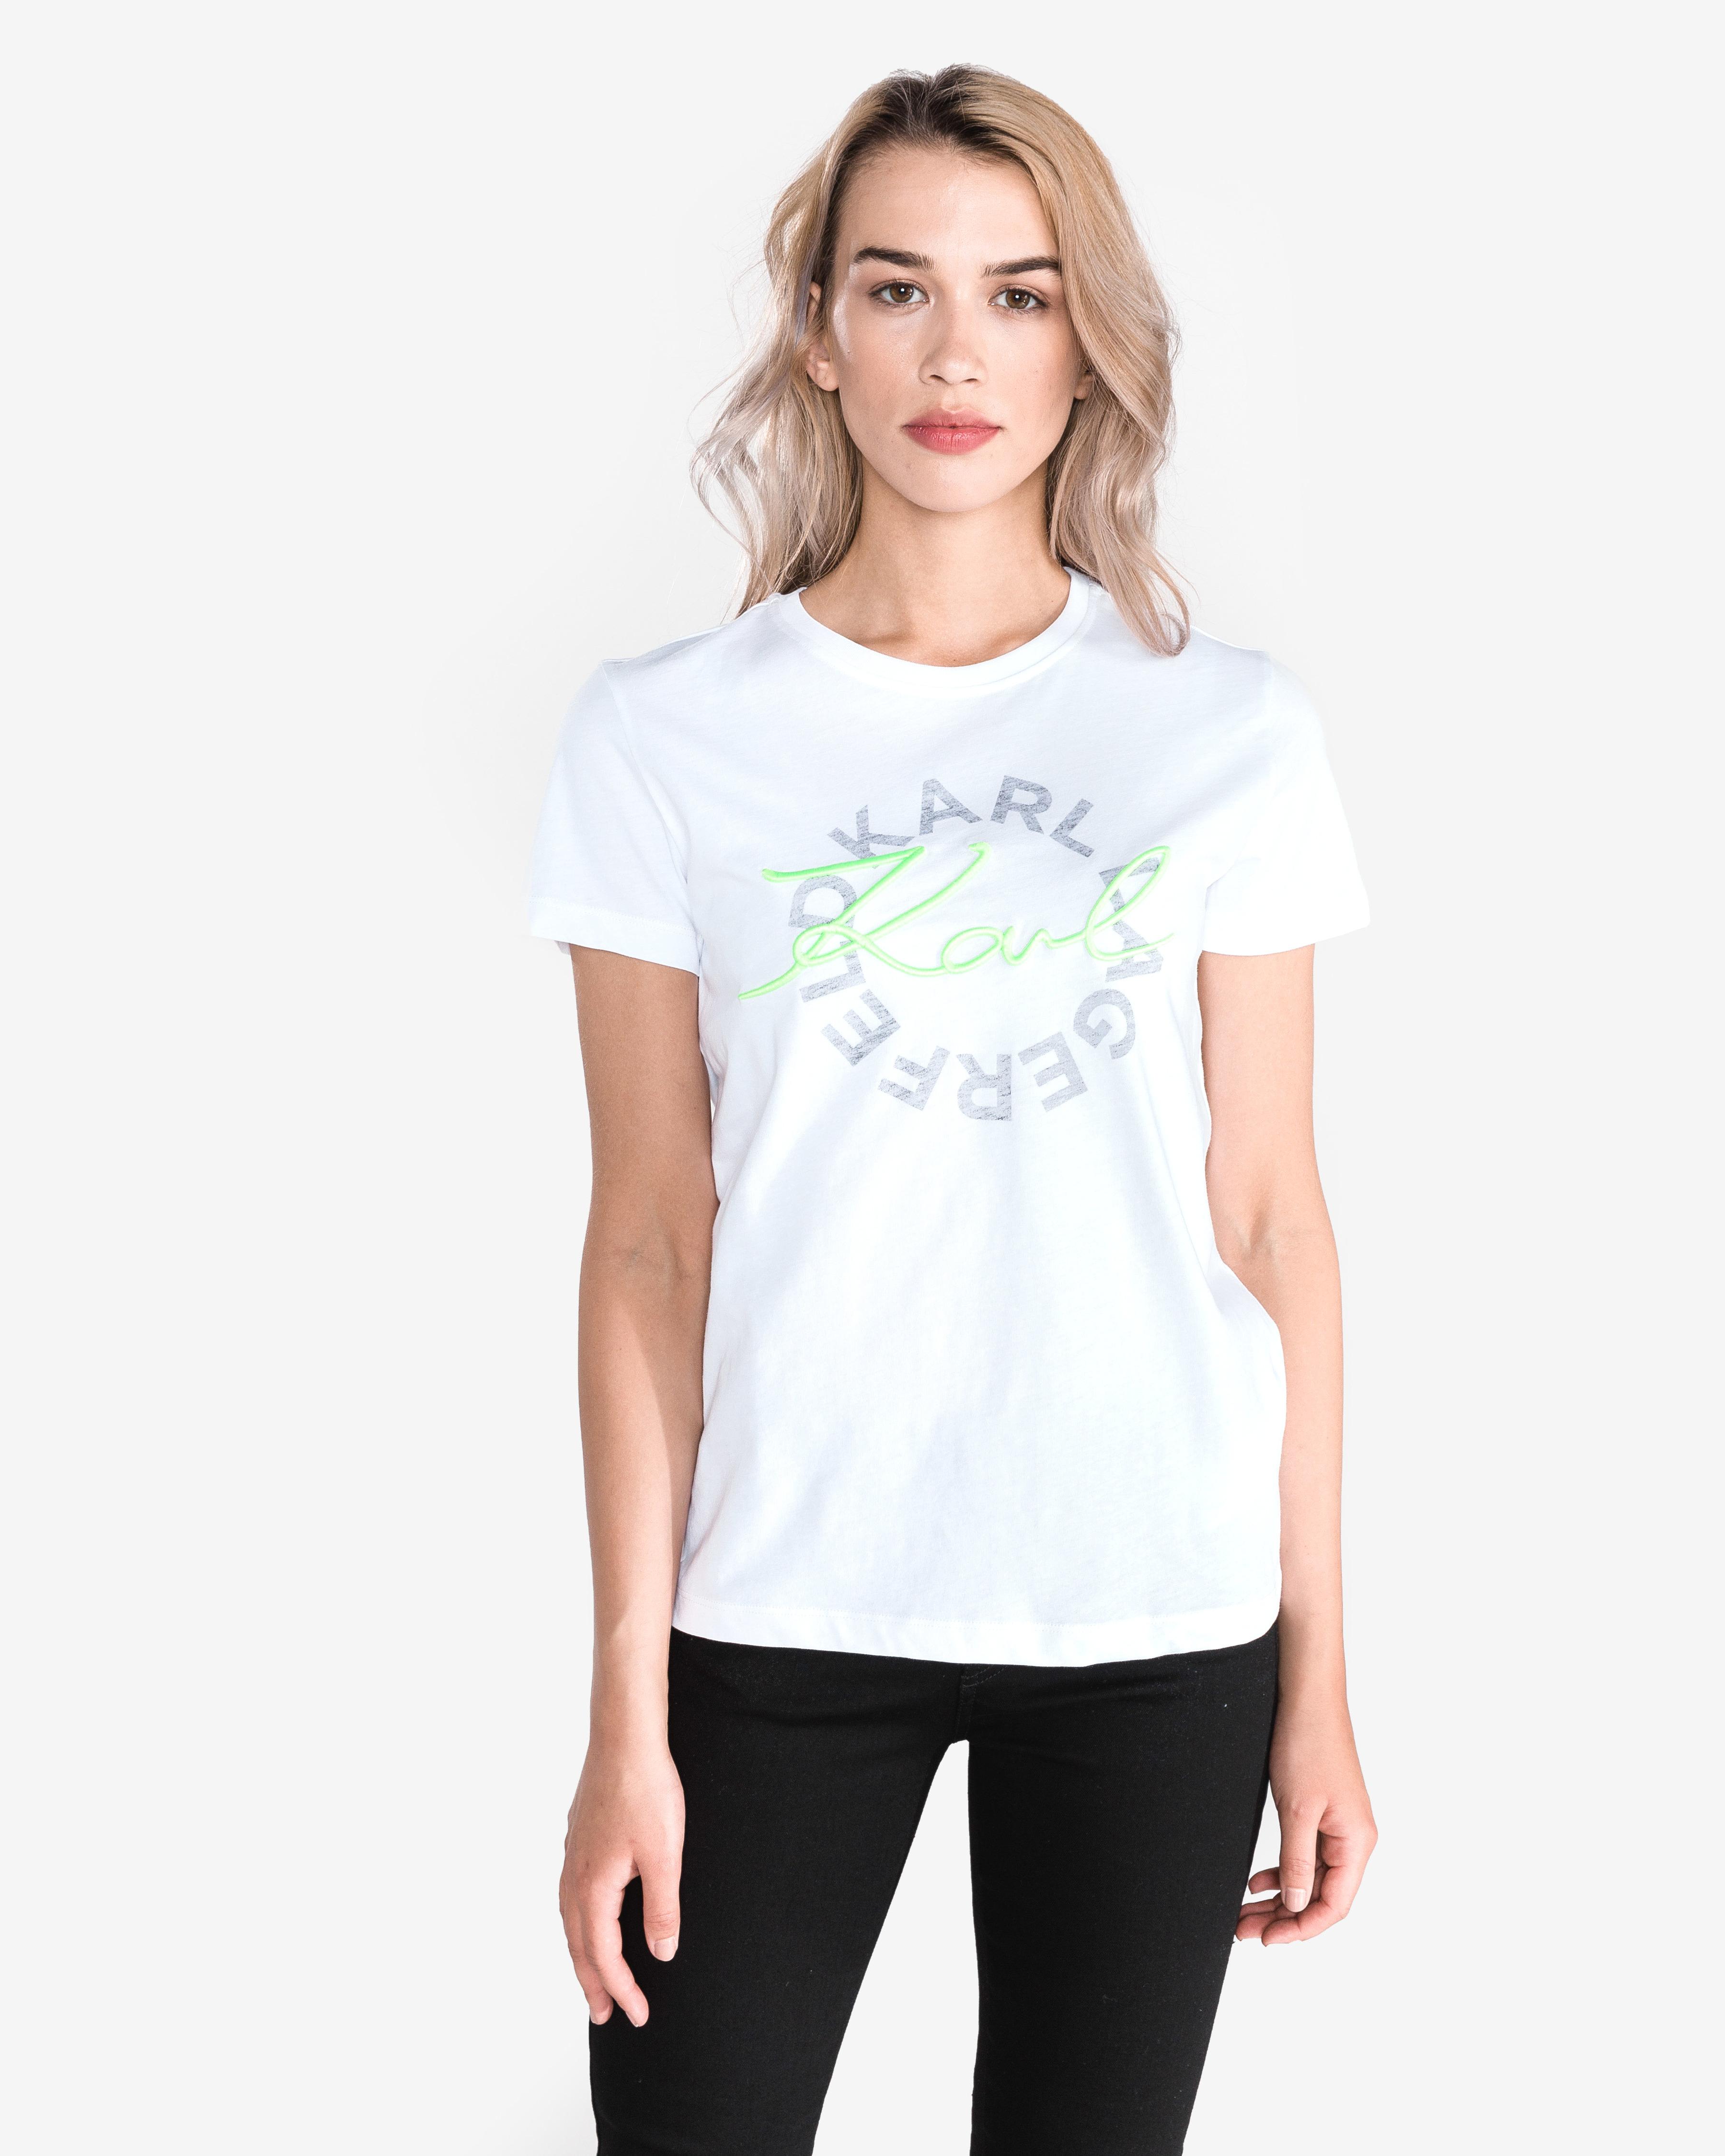 9b0f390bac36 Women Karl Lagerfeld T-shirt White - Glami.gr